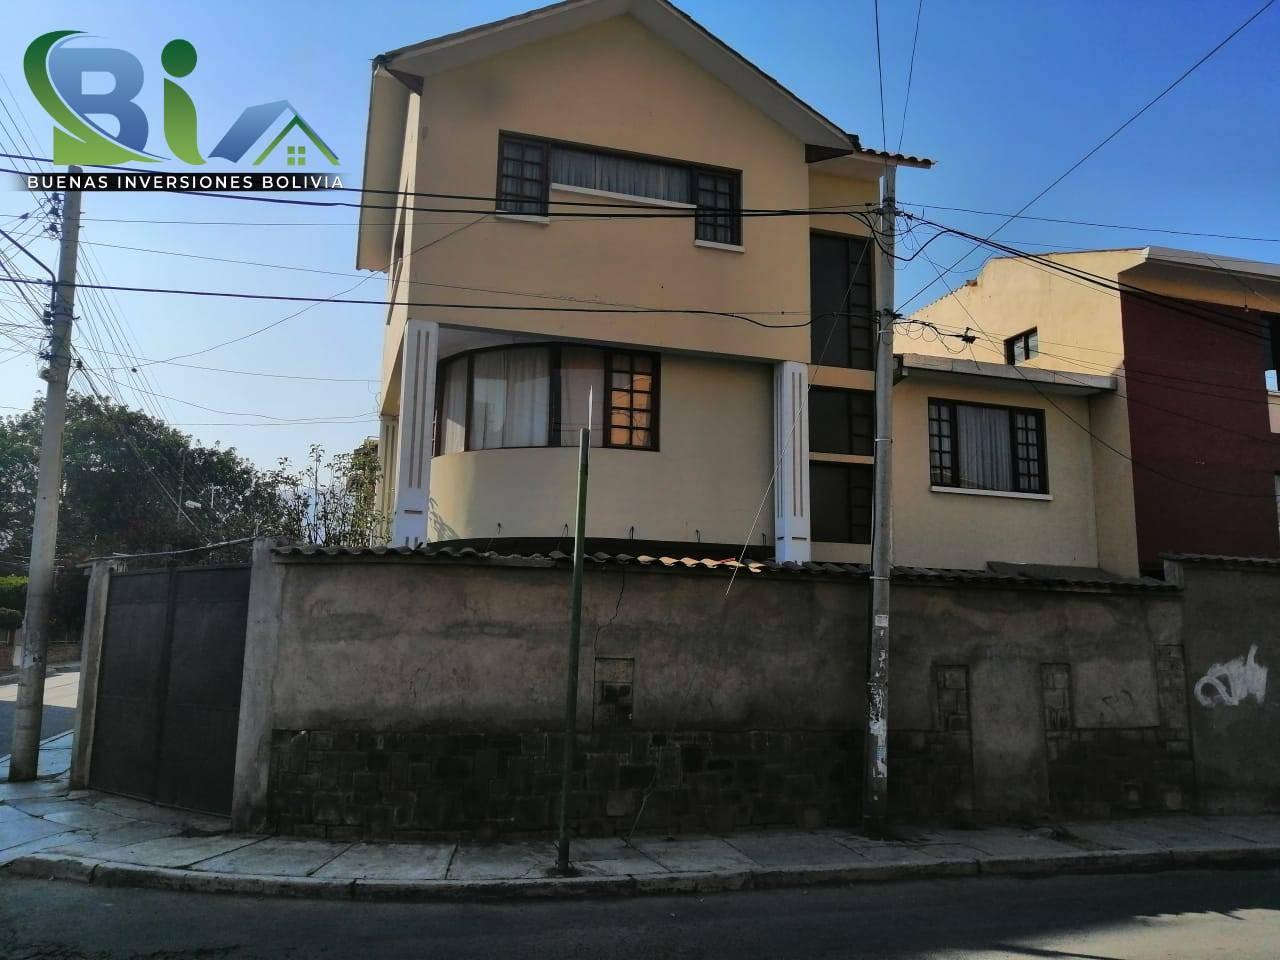 Casa en Venta $us.290.000 CASA EN ESQUINA + TIENDA PROX AV. HEROINAS ZONA SAN PEDRO Foto 3